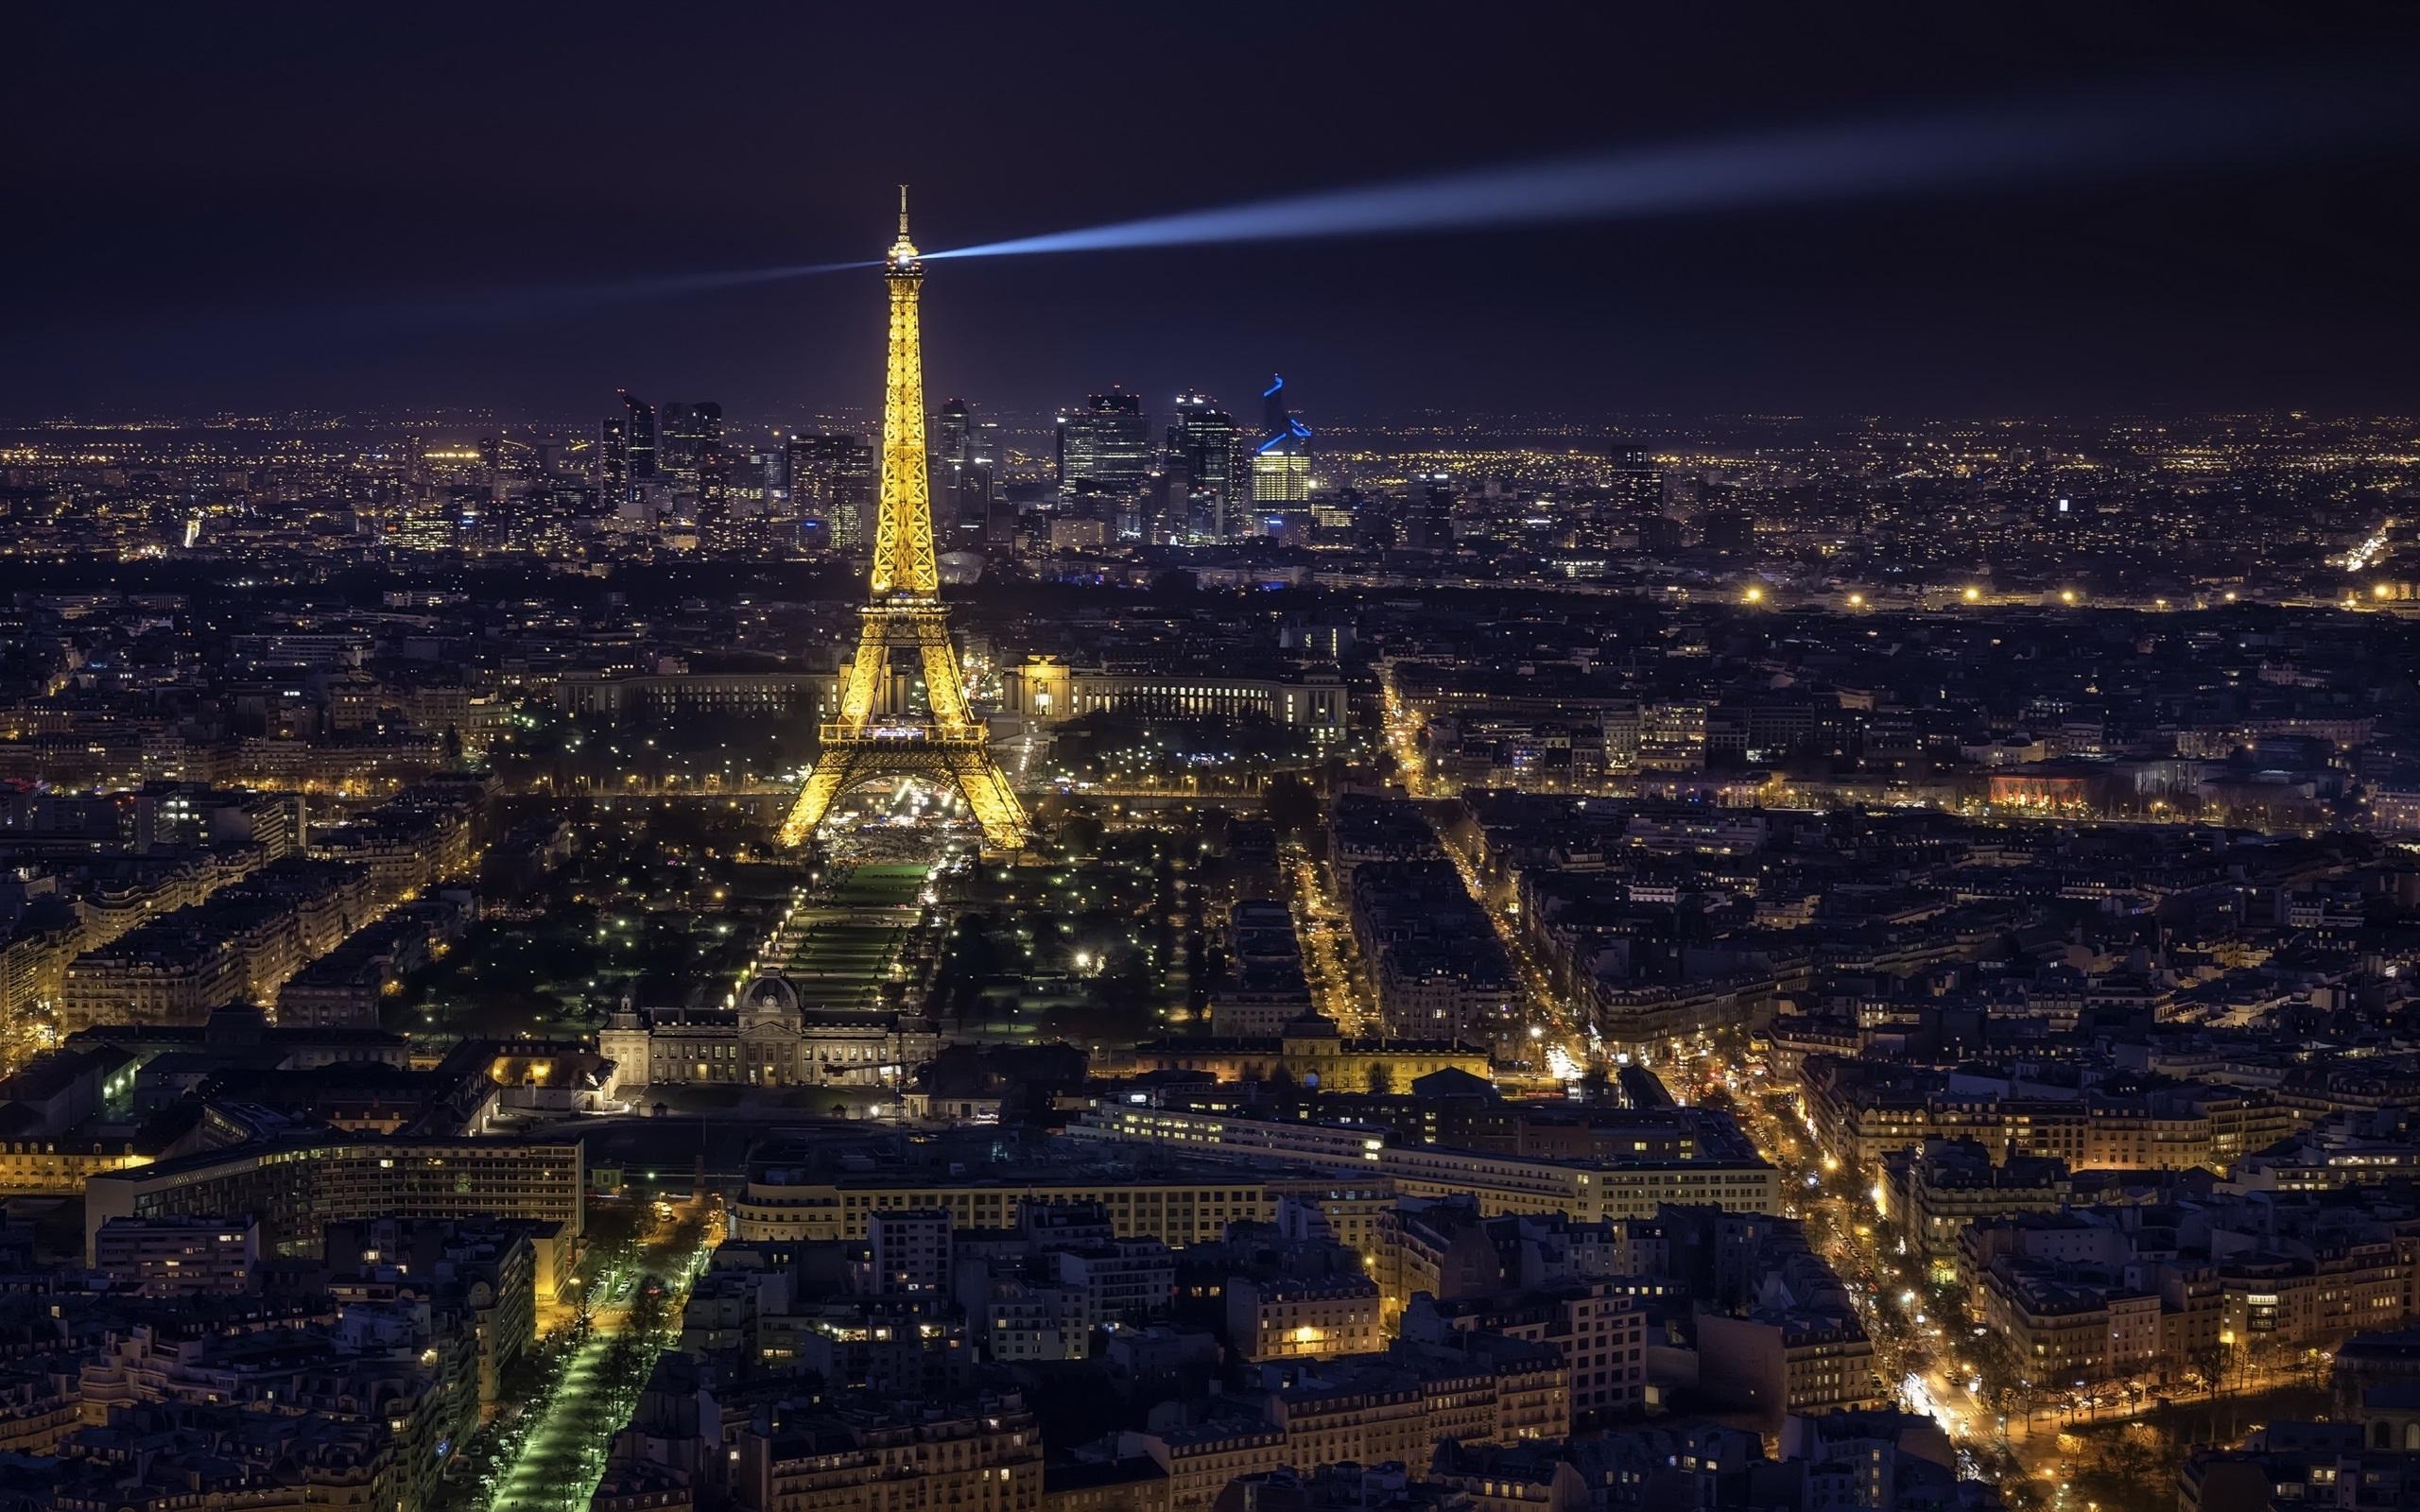 Fondos De Pantalla Torre Eiffel, Noche De La Ciudad